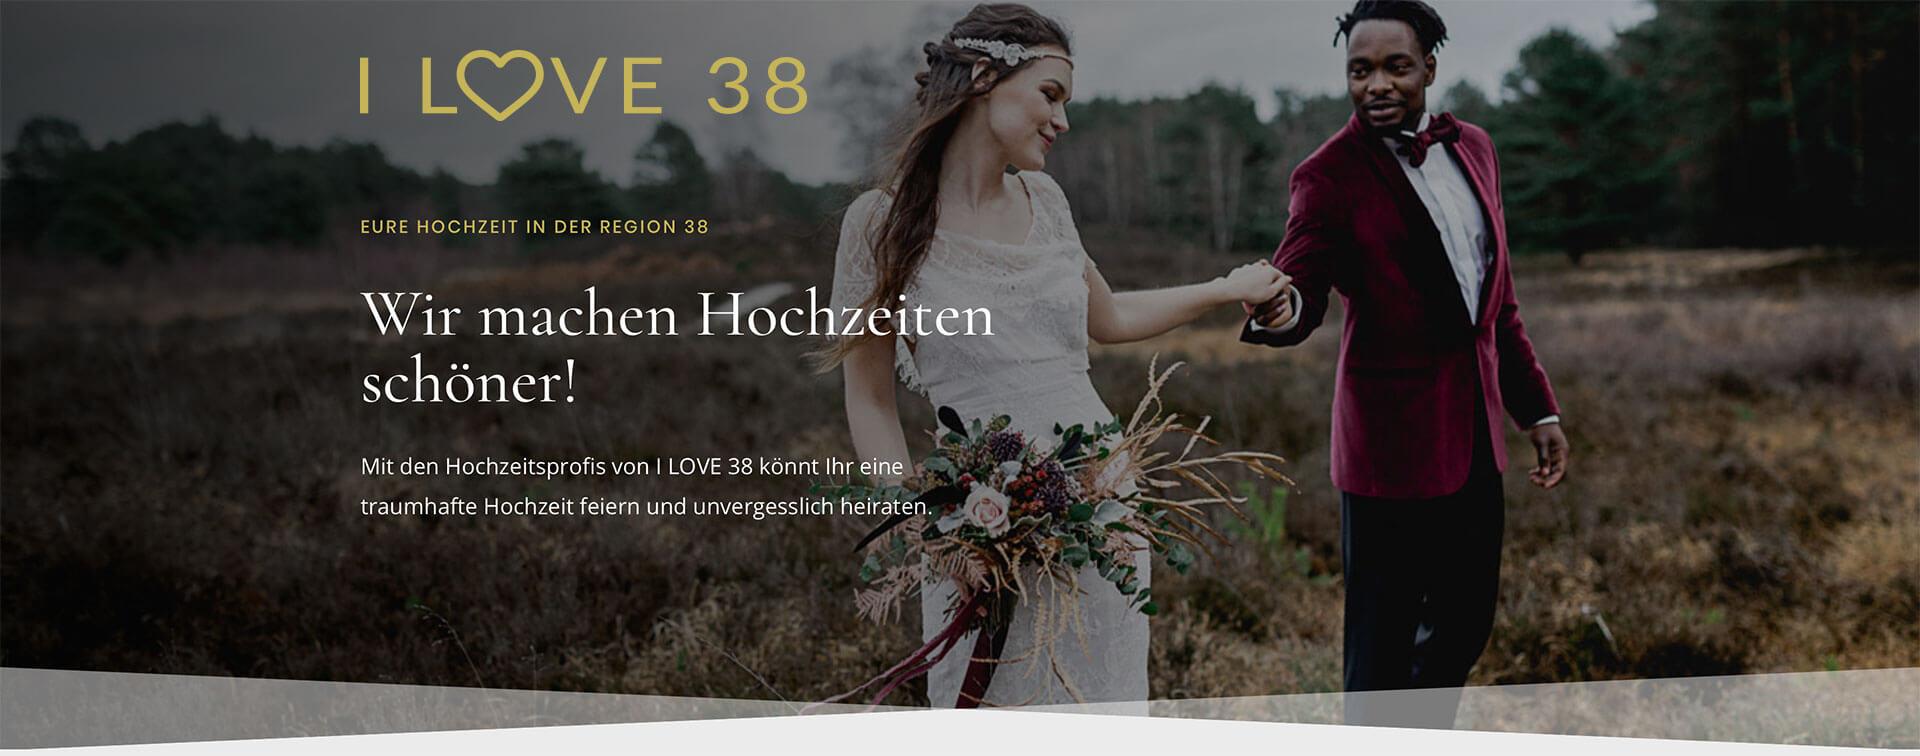 ilove38.de